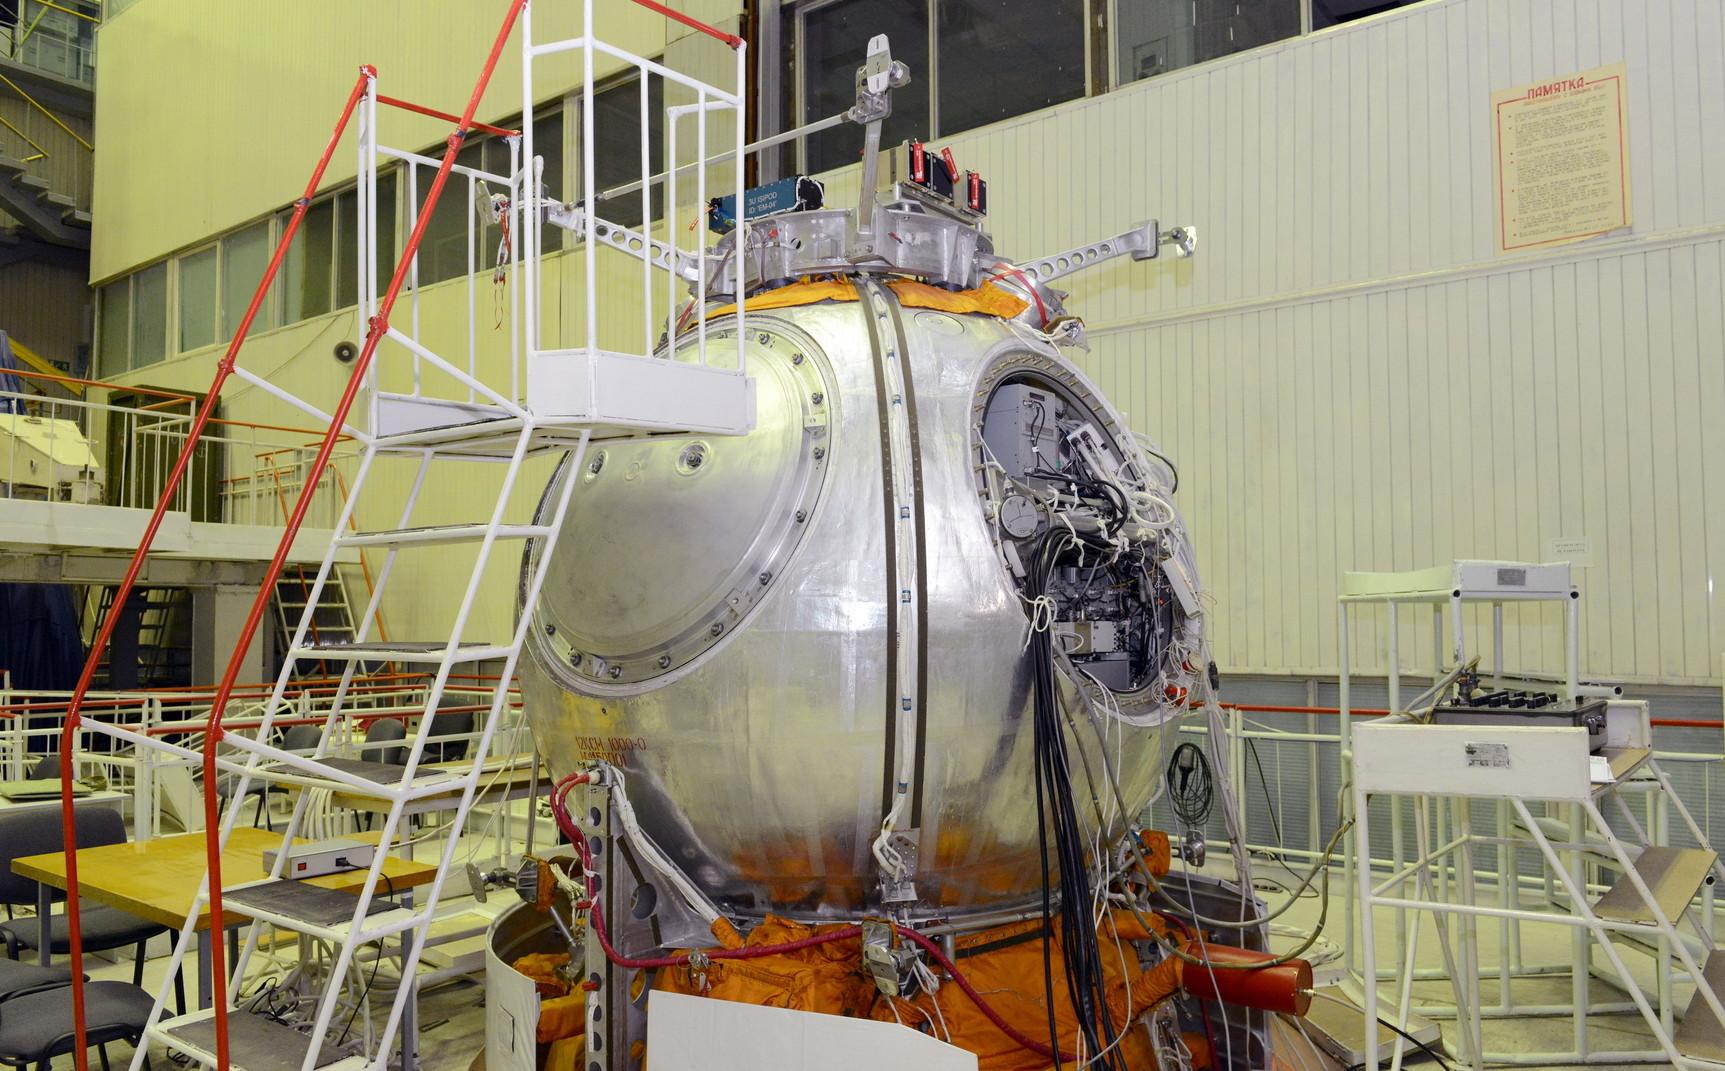 Научный космический аппарат Бион-М № 1 вернулся на Землю